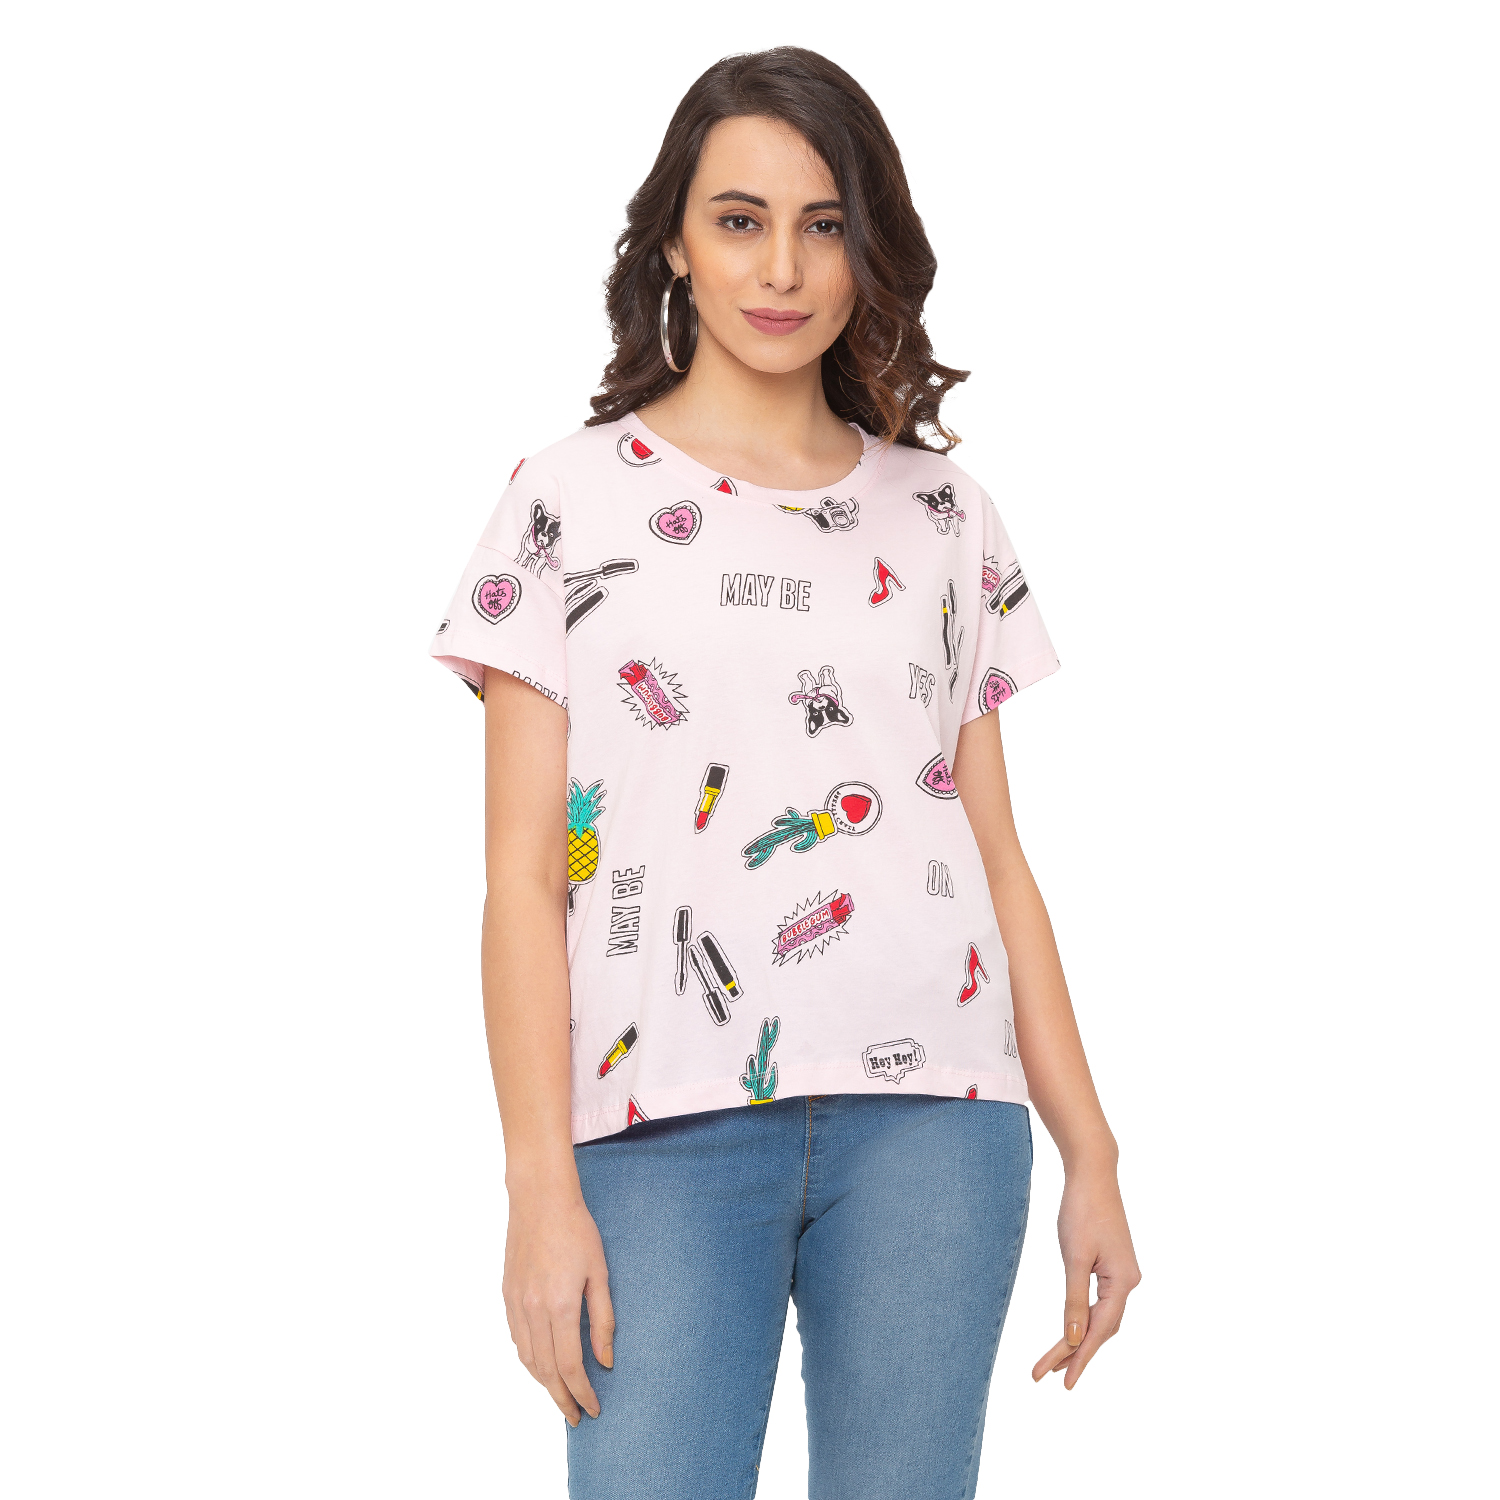 globus | Globus Pink Printed T-Shirt